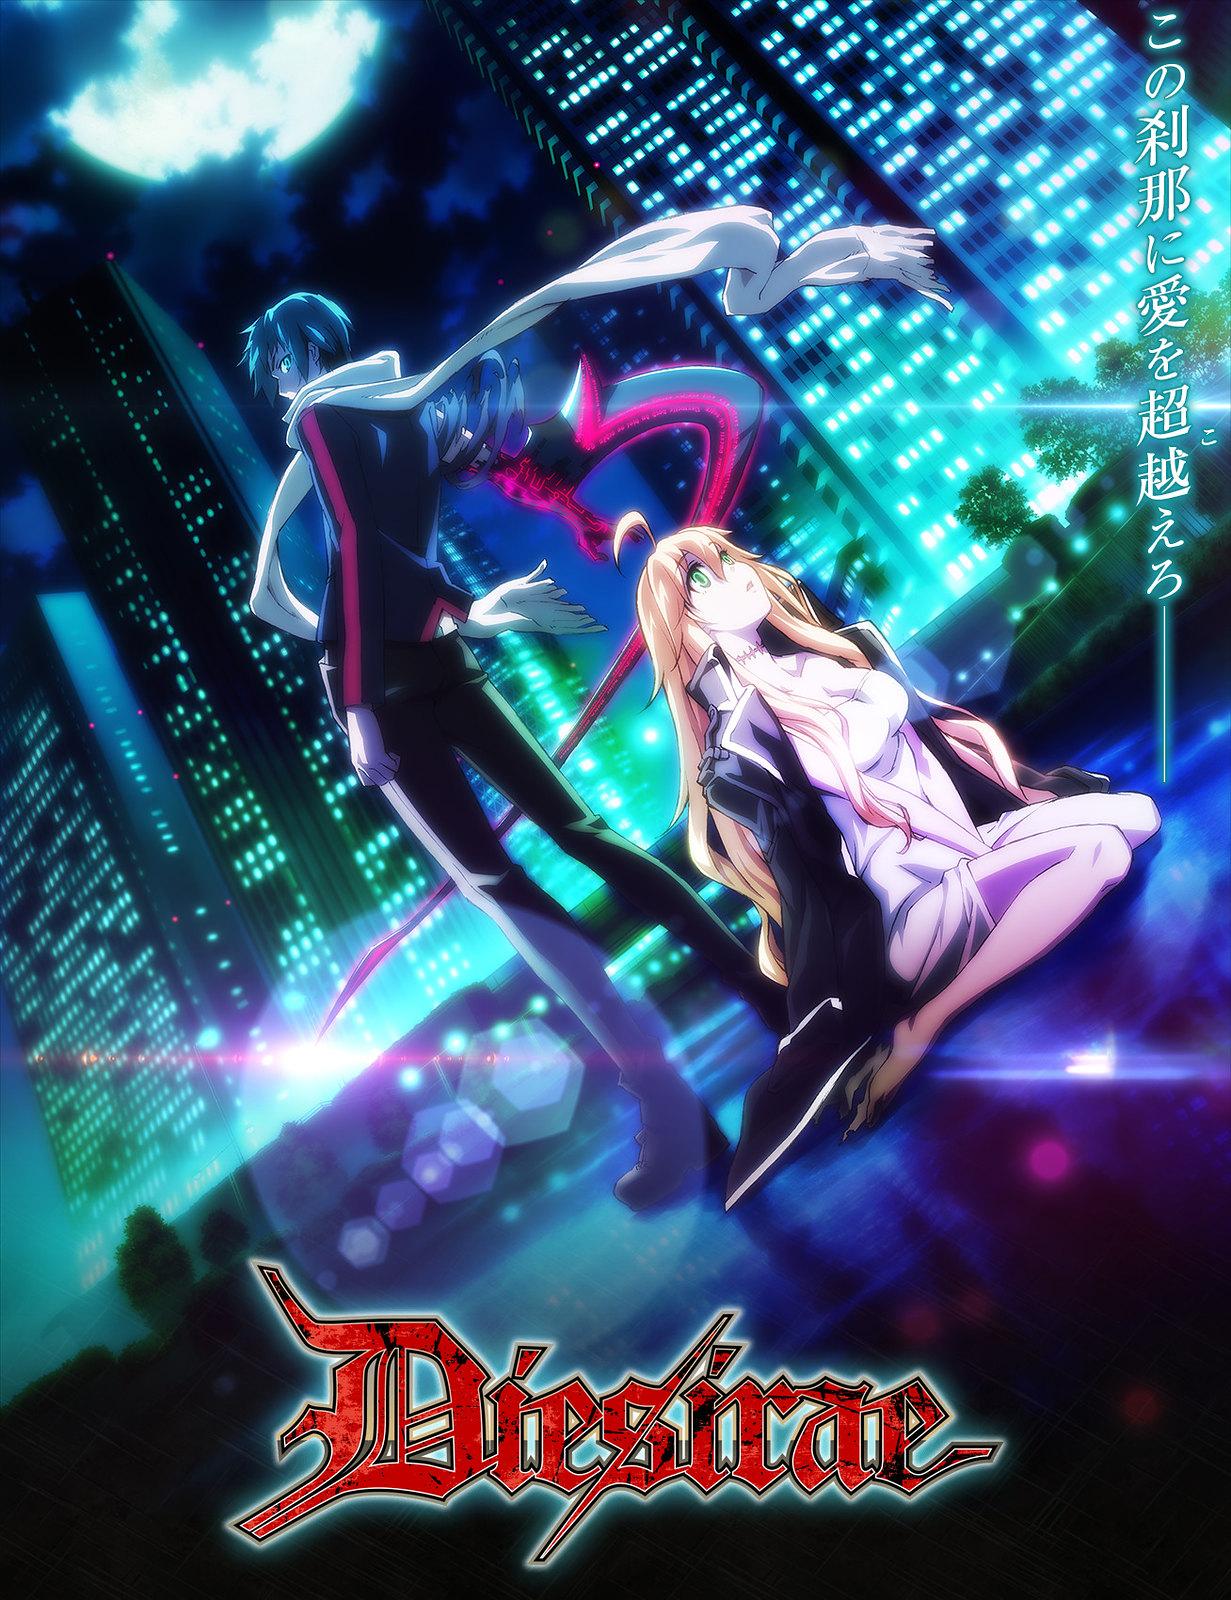 170324(3) - 日本史上群眾募資最多人&最高額!電視動畫版《Dies irae》公布製作群、首張海報&首支預告片!